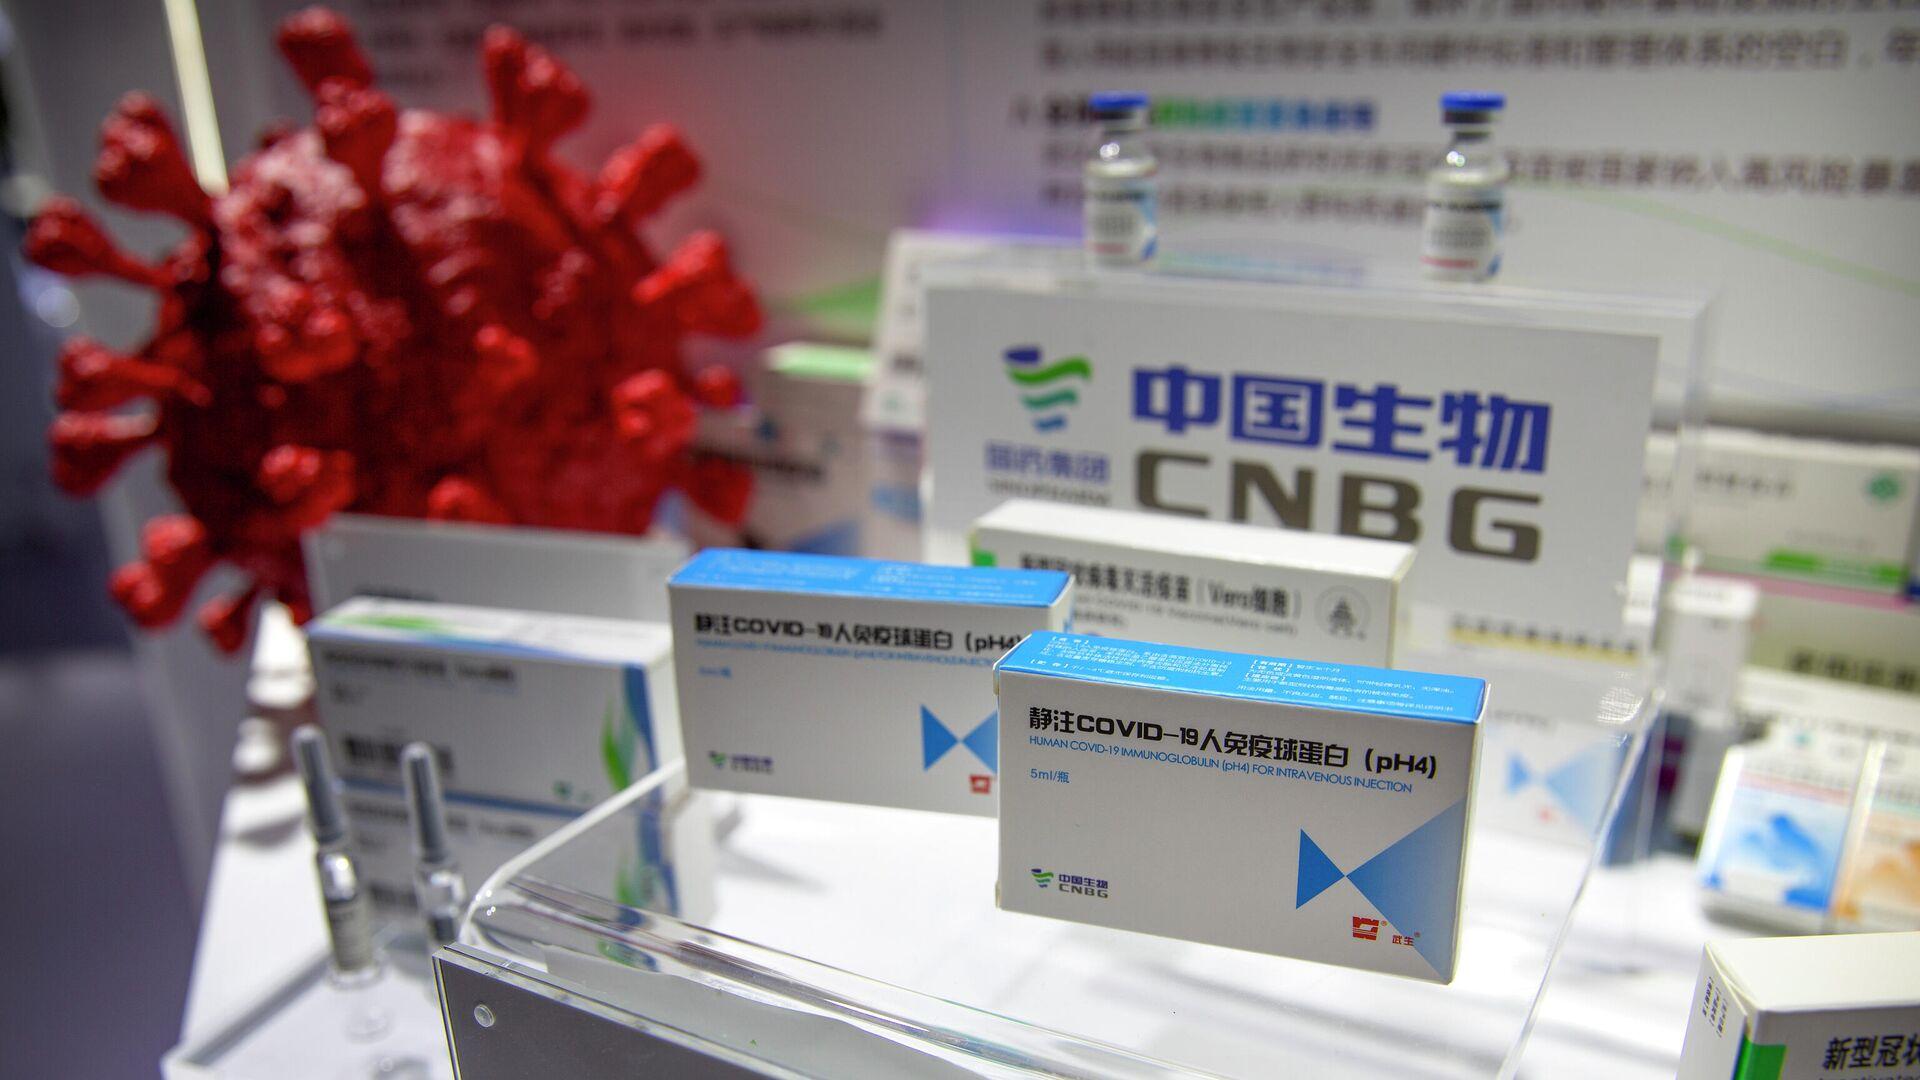 Упаковка средства для борьбы с вирусом COVID-19 производства китайской фармацевтической фирмы Sinopharm - РИА Новости, 1920, 10.04.2021